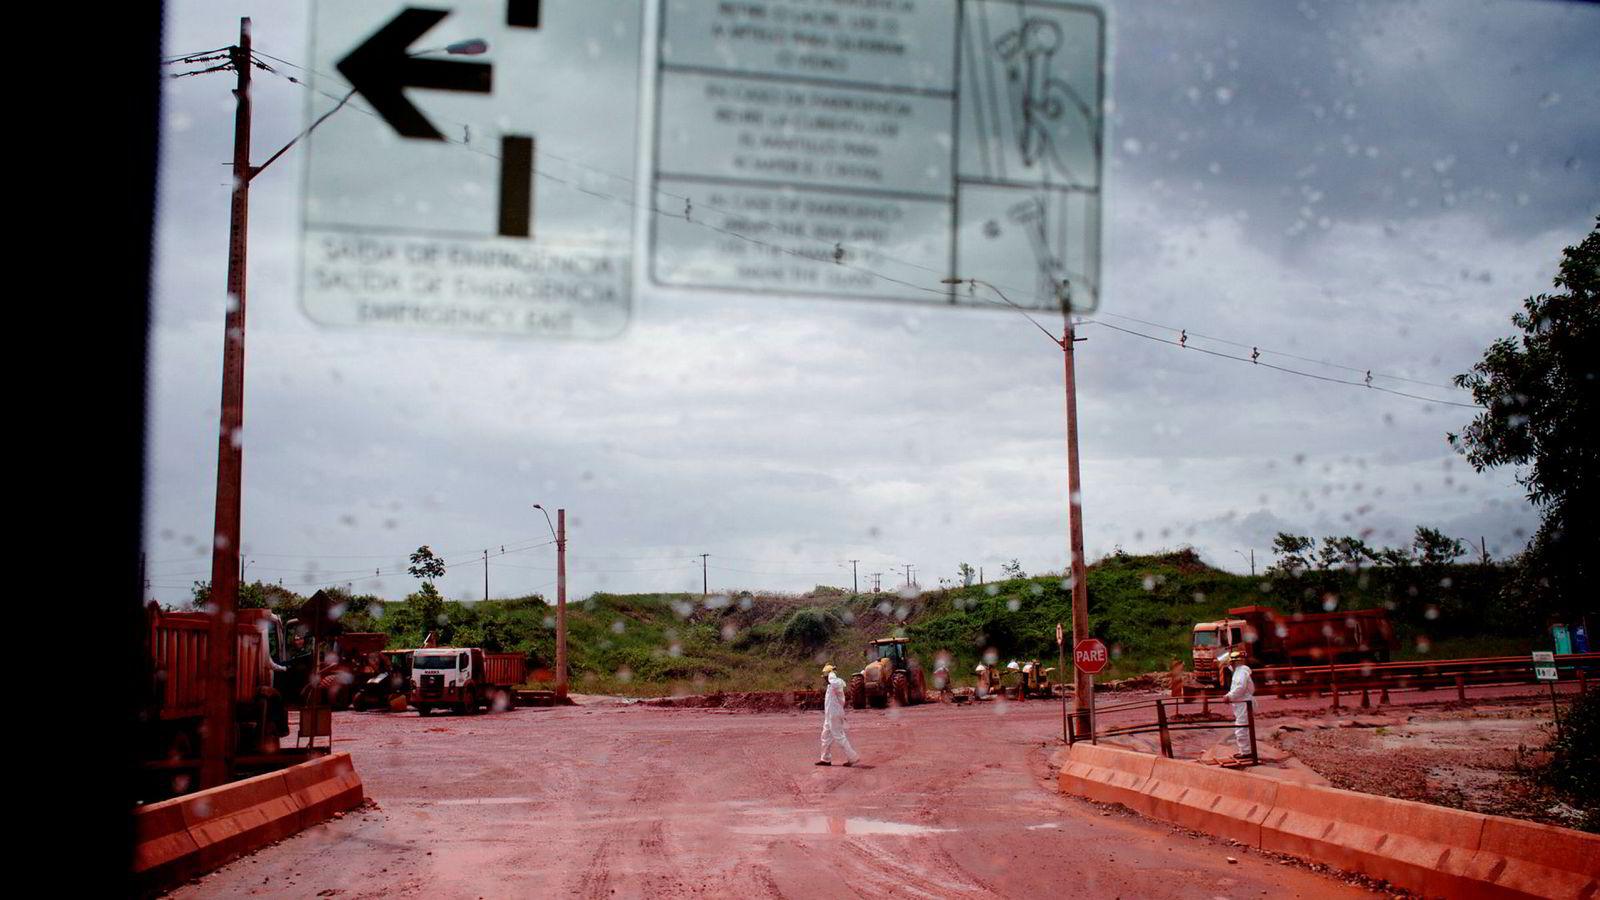 Fra Hydros aluminaraffineri Alunorte, i Brasil. Anlegget har gått for halv maskin i over fem måneder. Nå melder myndighetene om fremgang i avtaleforhandlingene med Hydro.